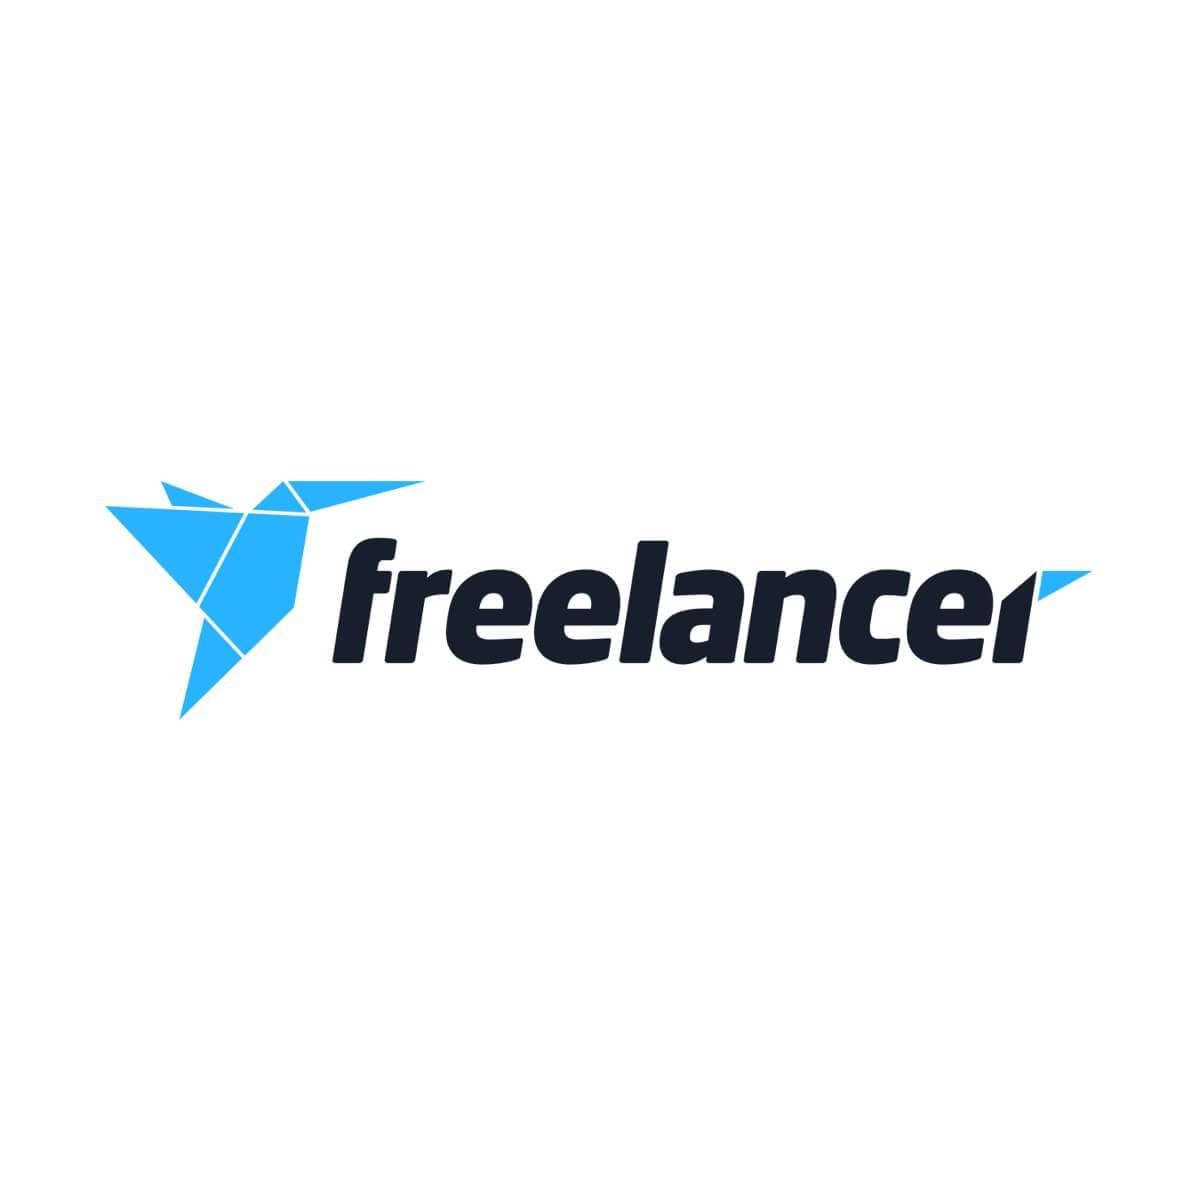 Freelance com ua